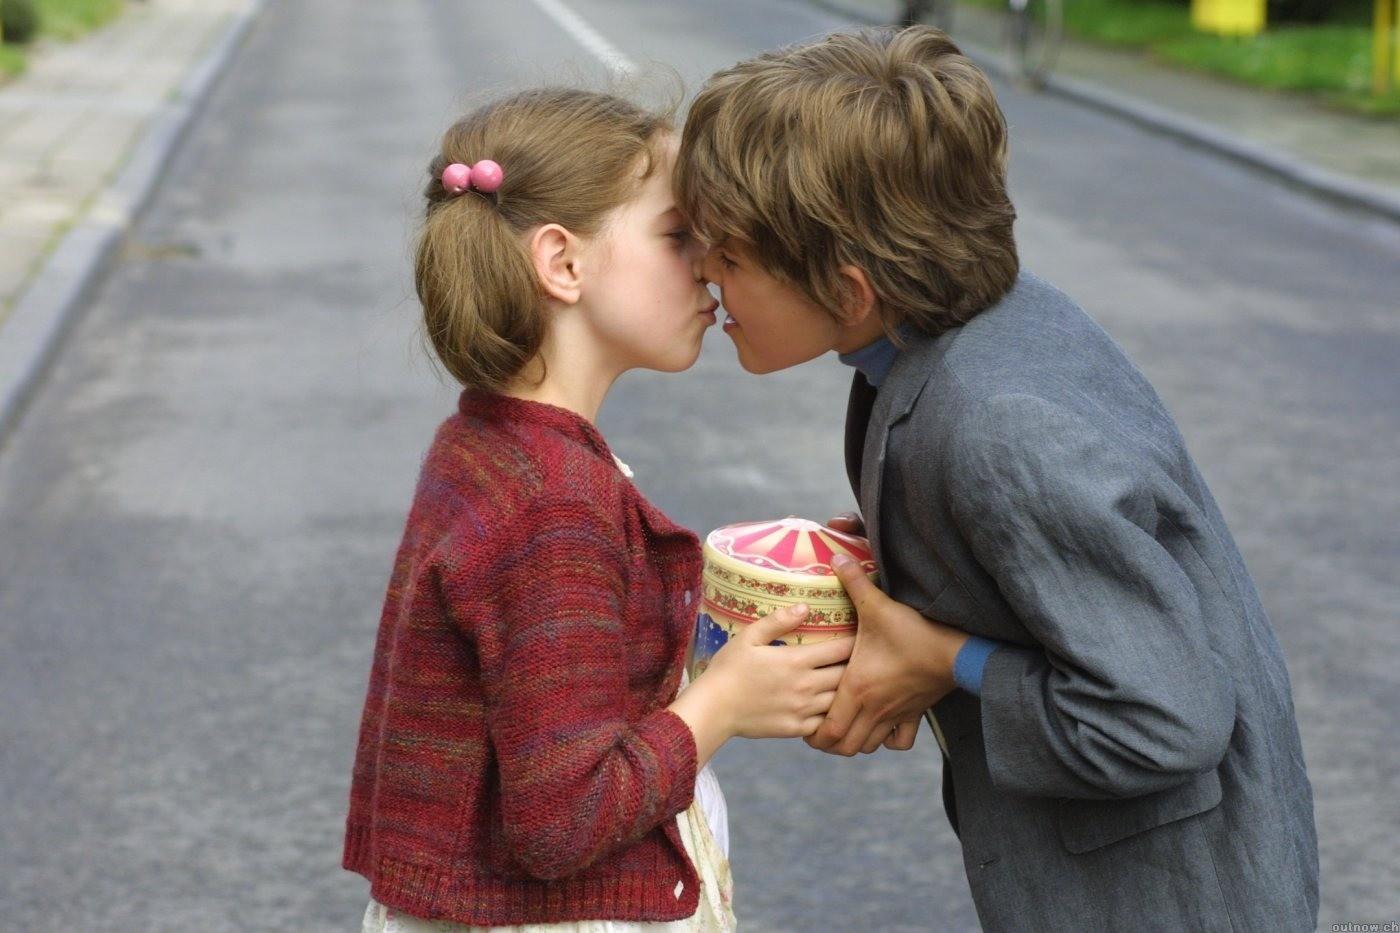 «Ну ты же девочка!»: 5 фраз, которые навязывают ребенку гендерные стереотипы